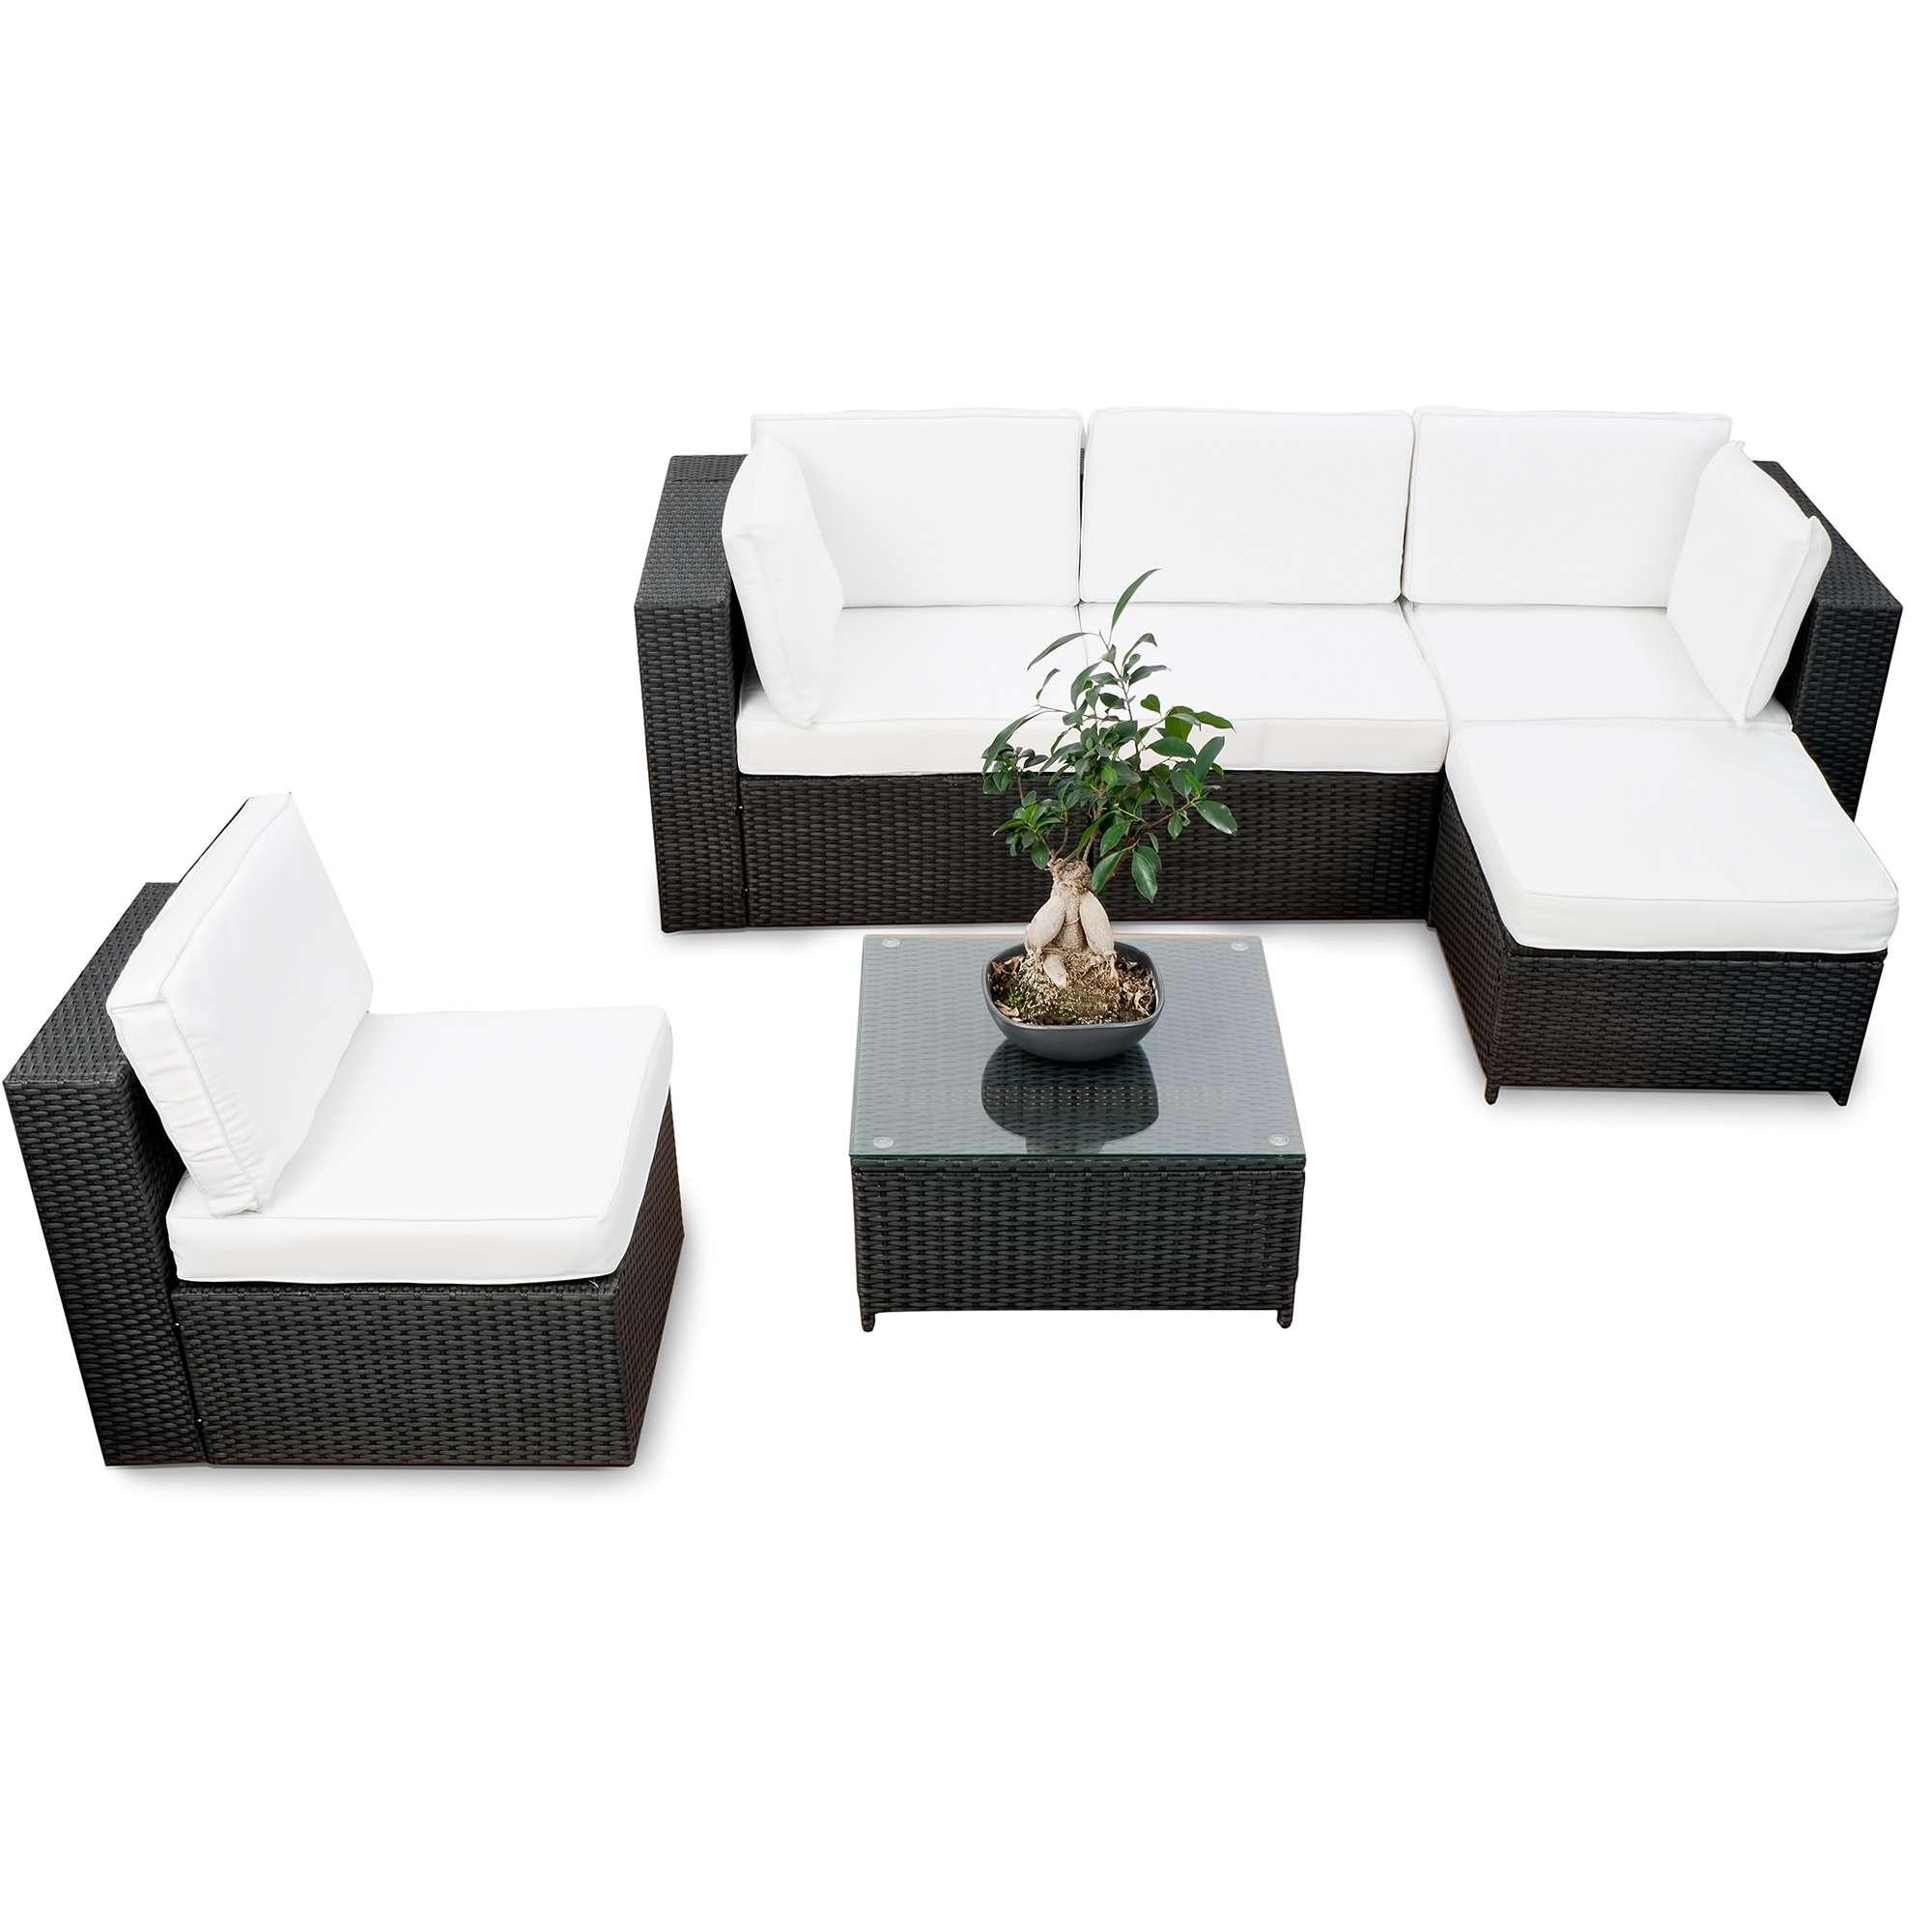 Gartenlounge Rattan ▻ günstig ◅ Rattan Garten Lounge kaufen